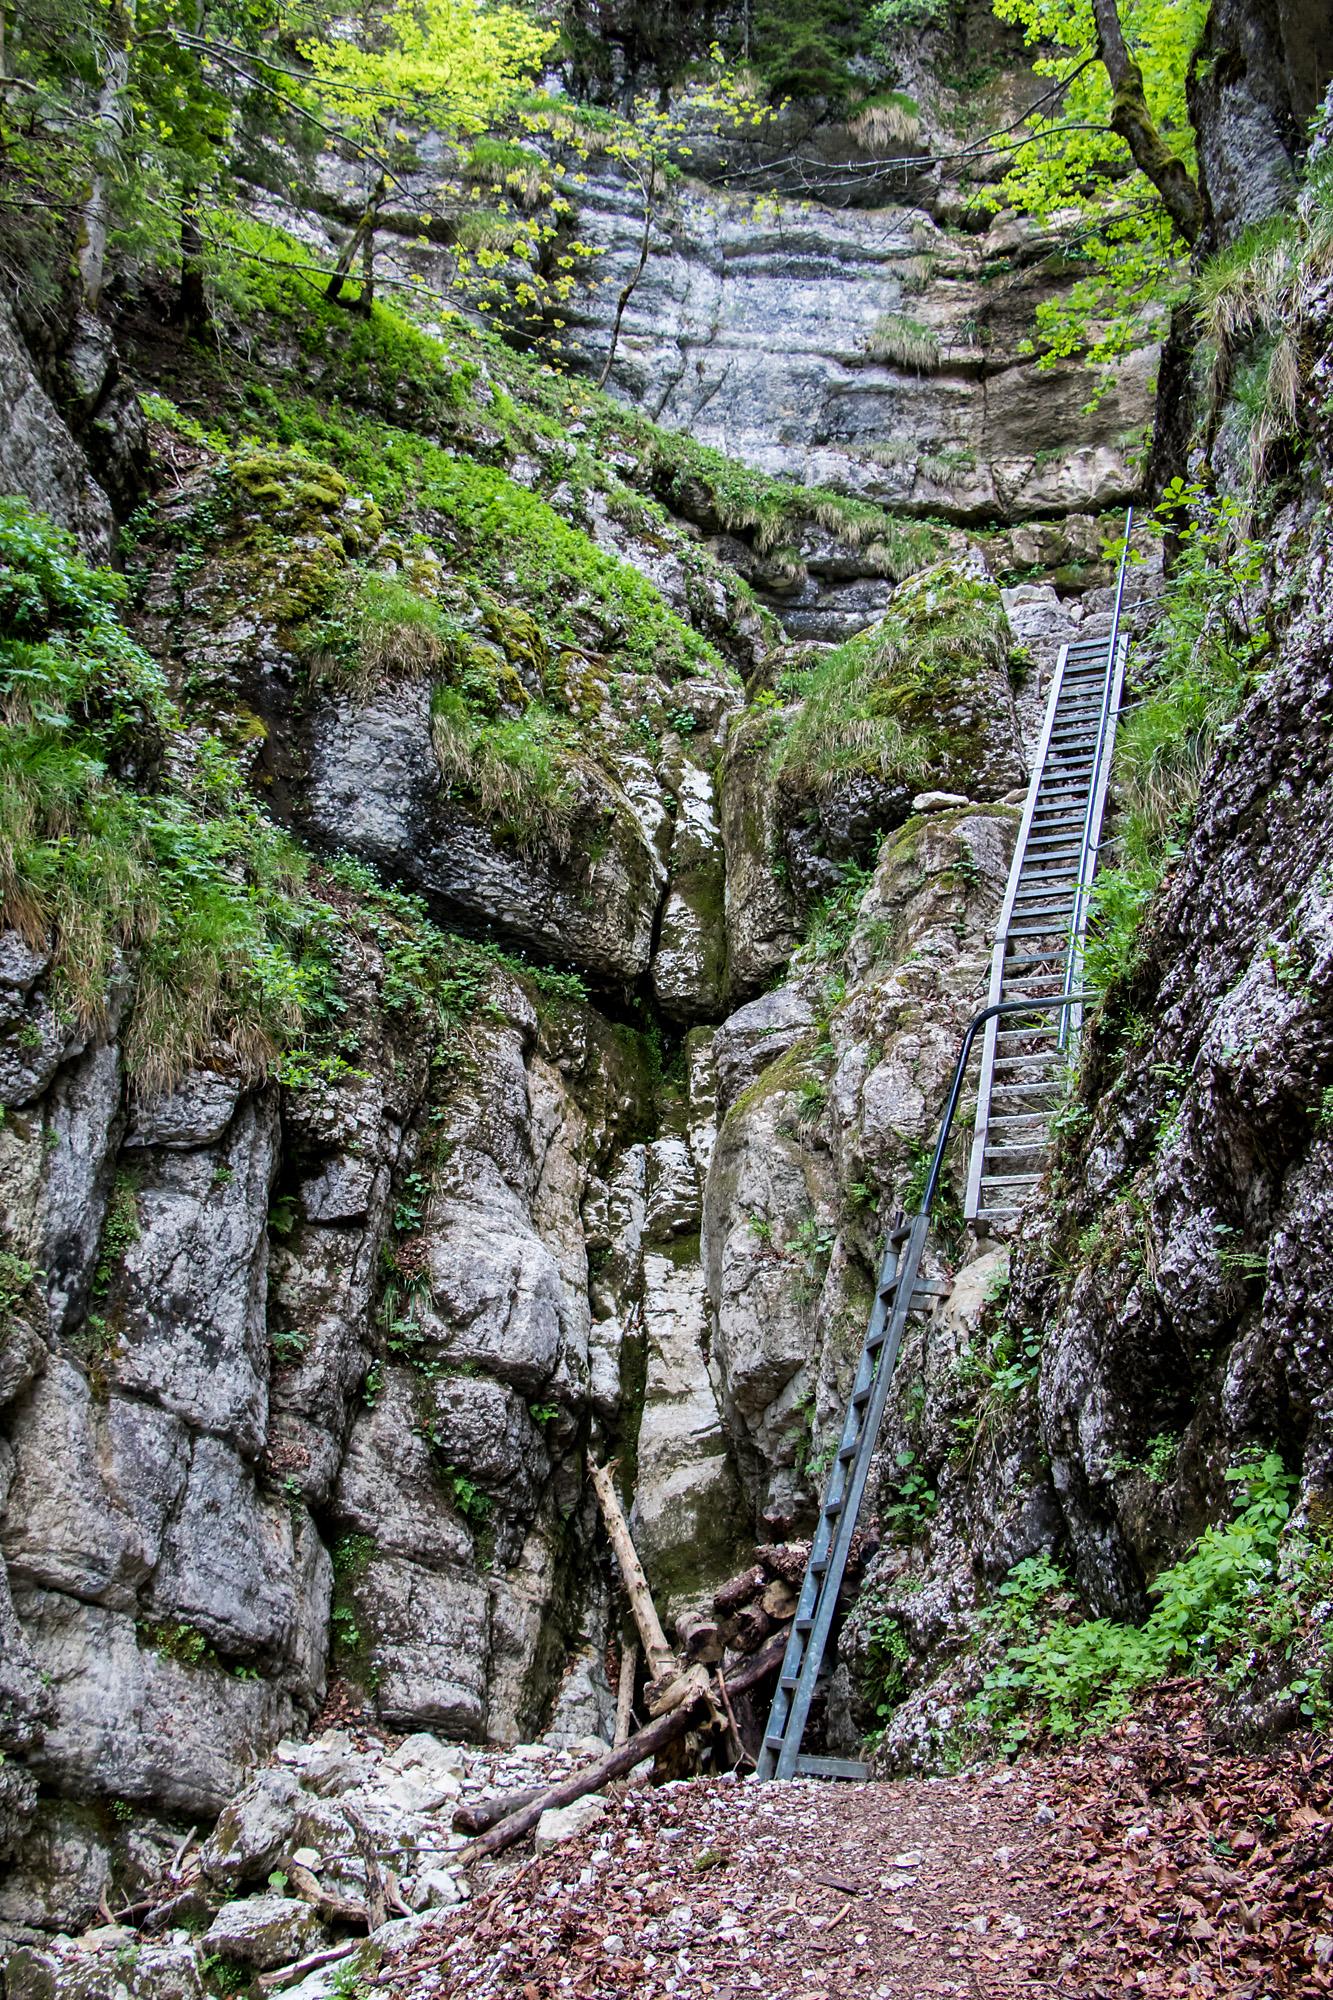 Dank den Leitern ist auch das unwegsame Gelände gut zu überwinden